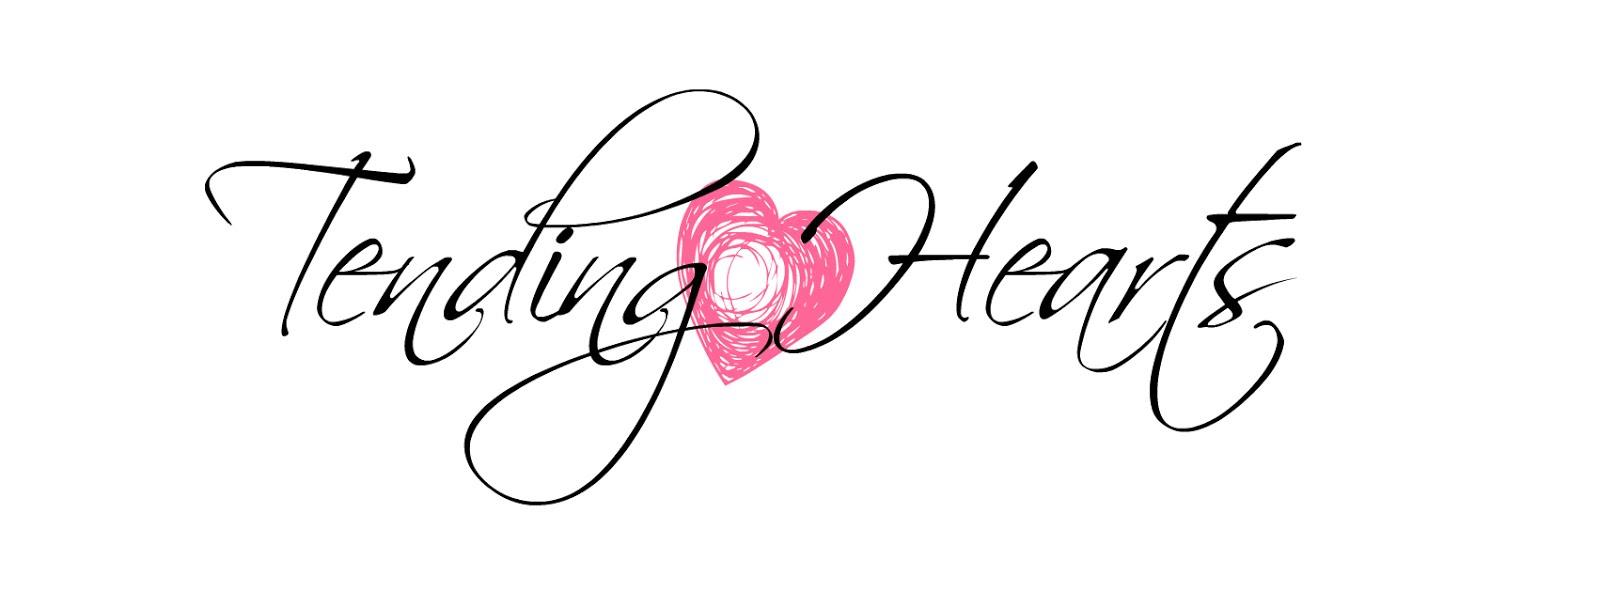 Tending Hearts